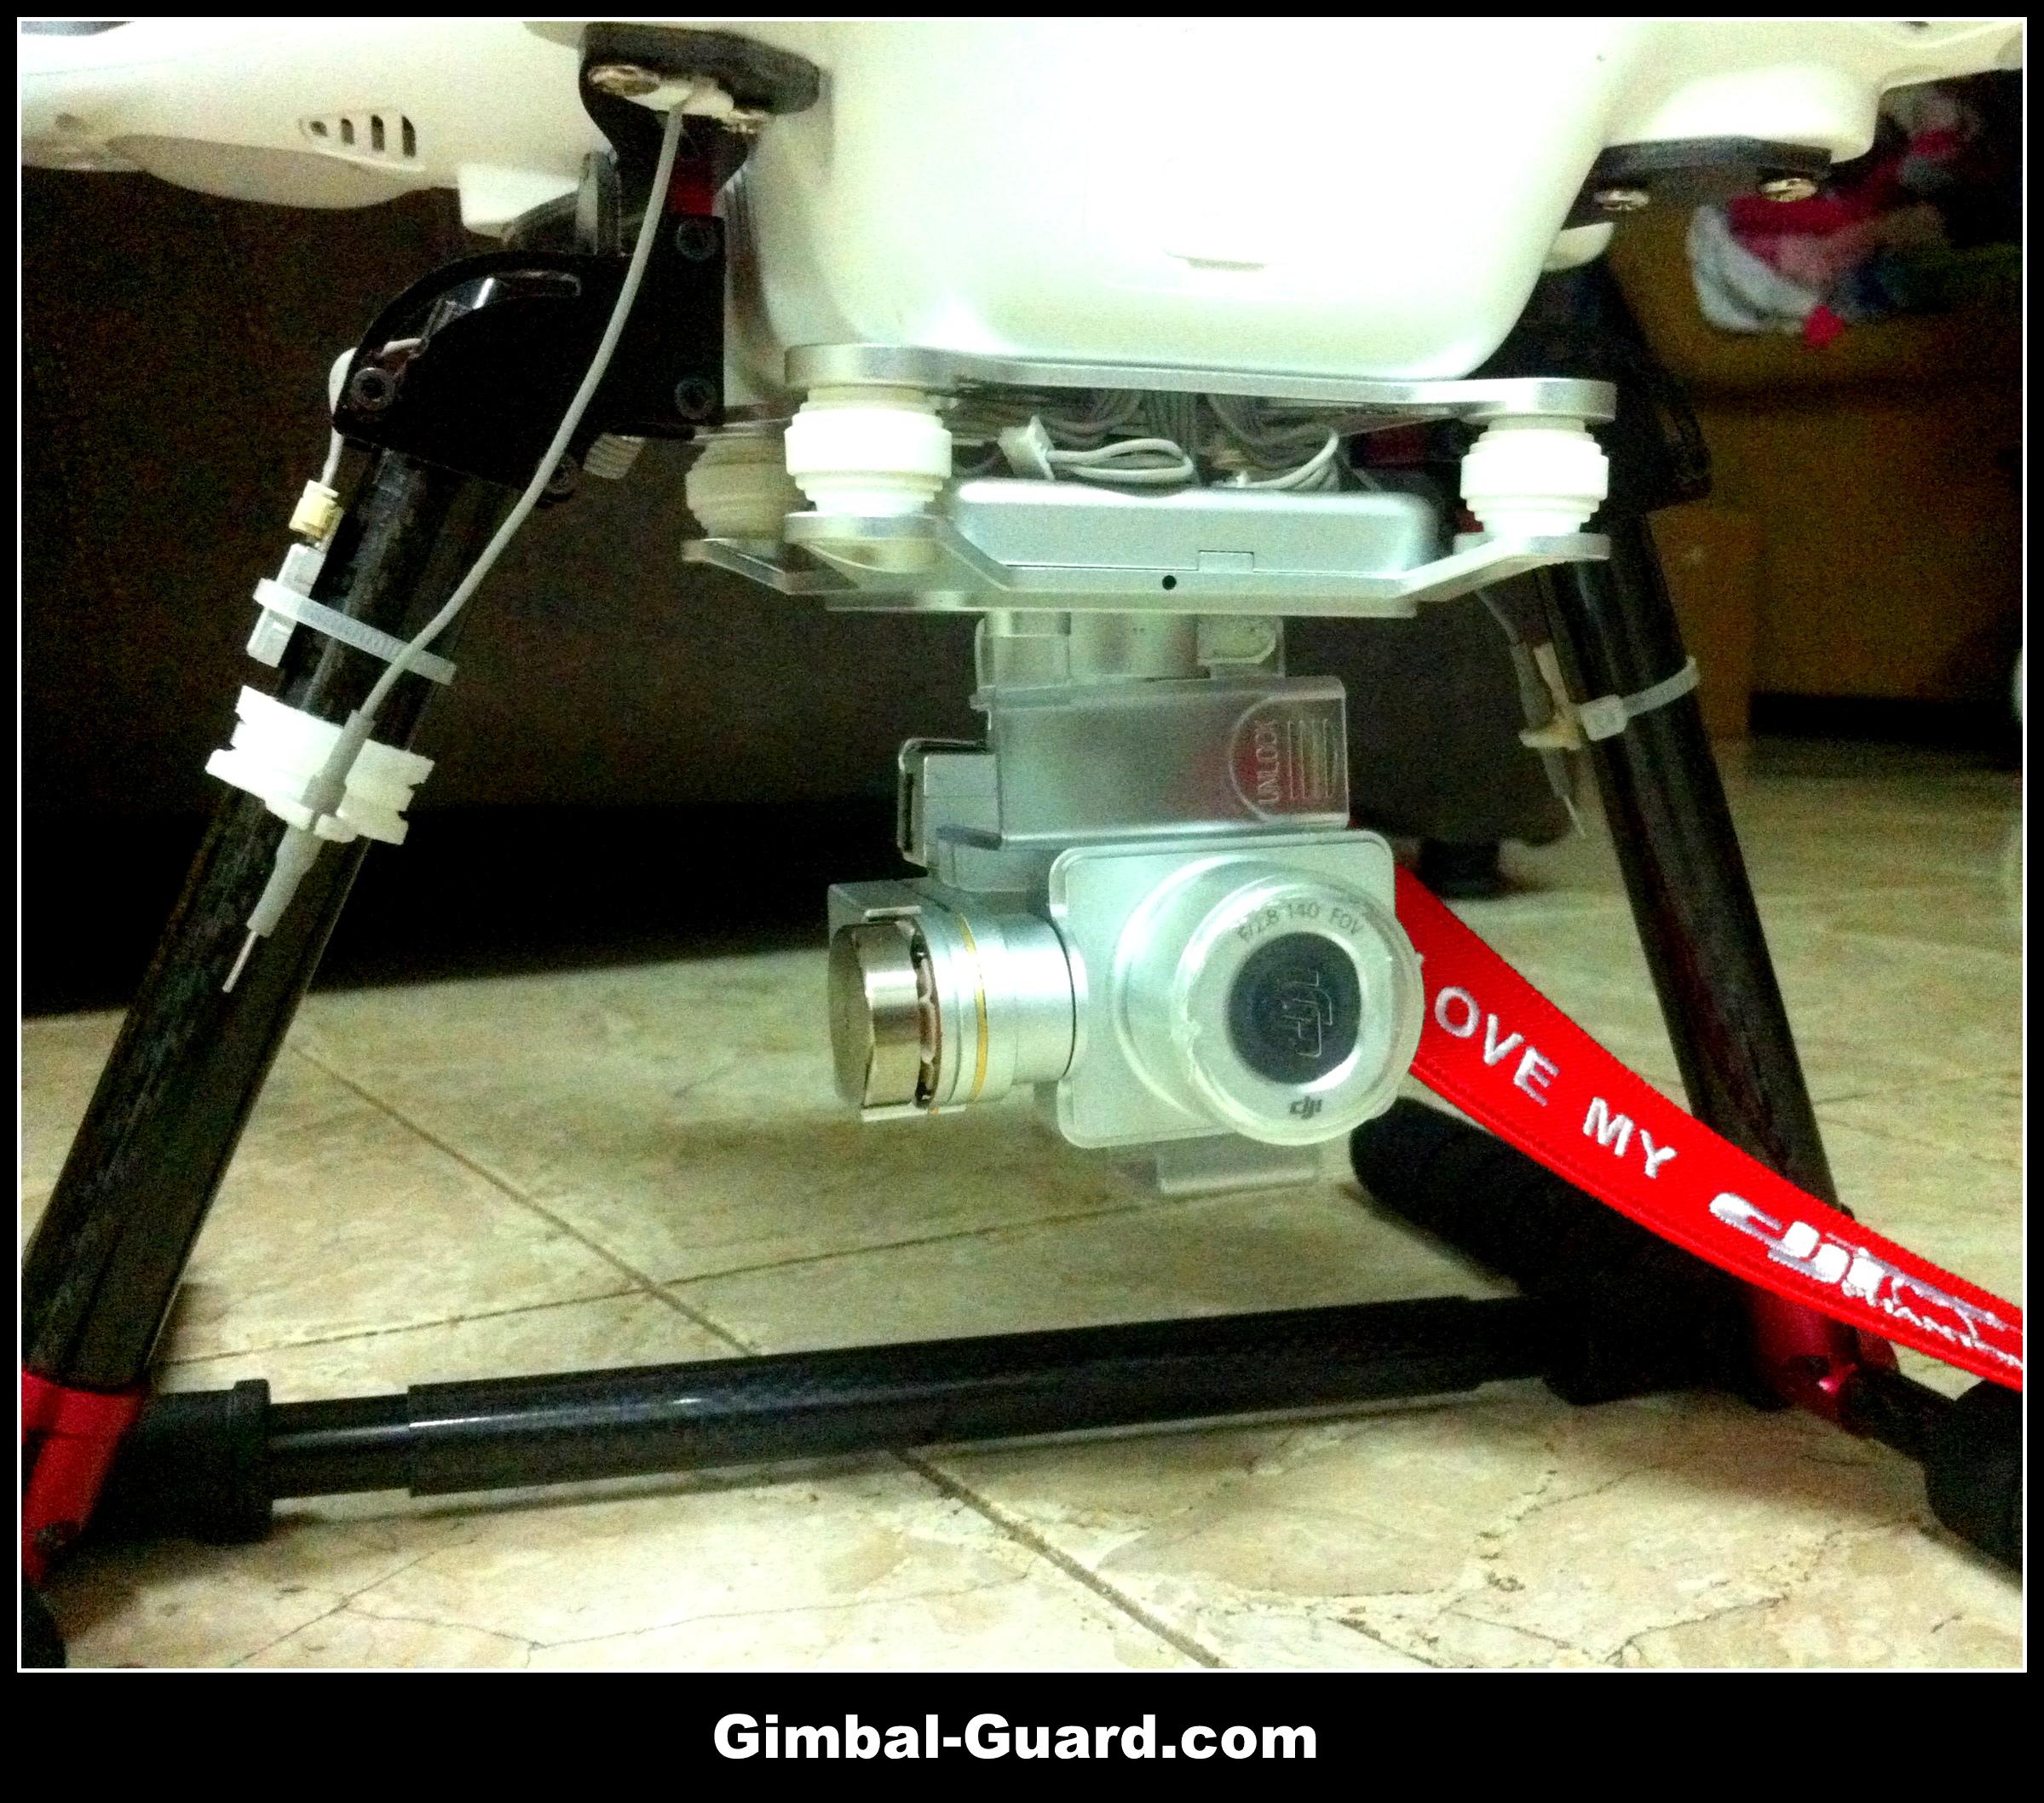 Tube carfon fiber gimbal guard